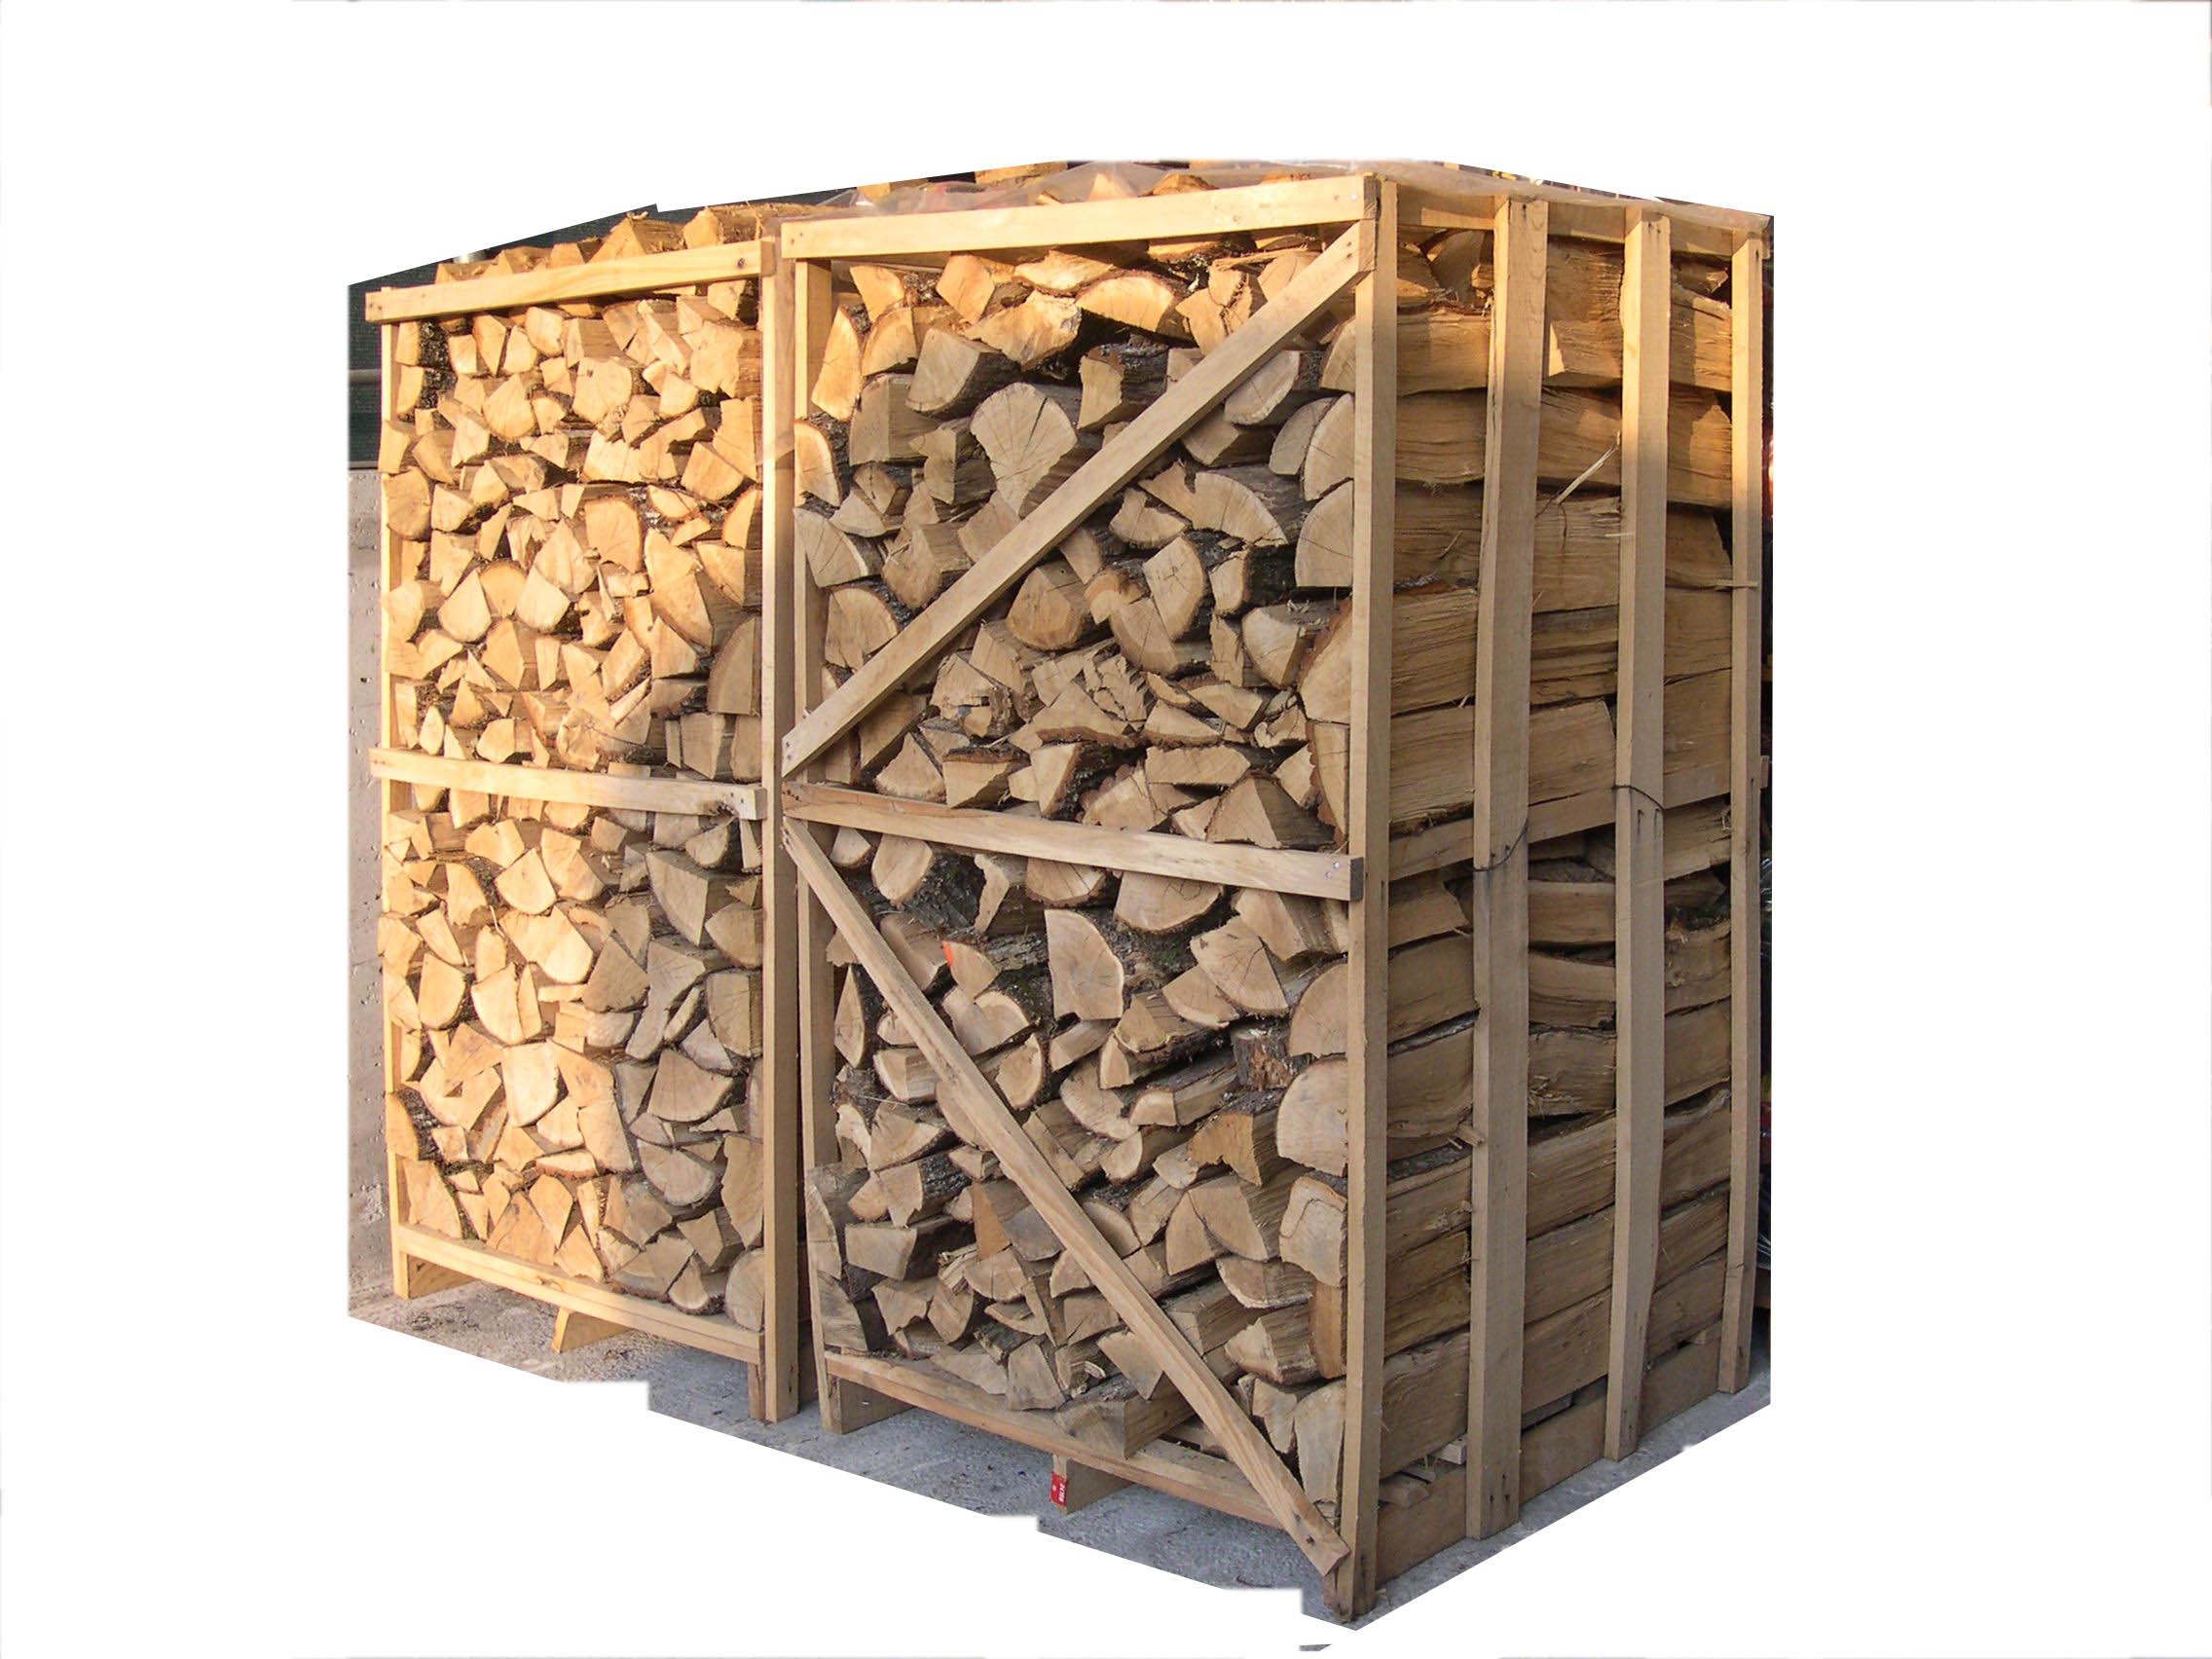 Riscaldamento domestico a legna e inquinamento dell aria ARPA